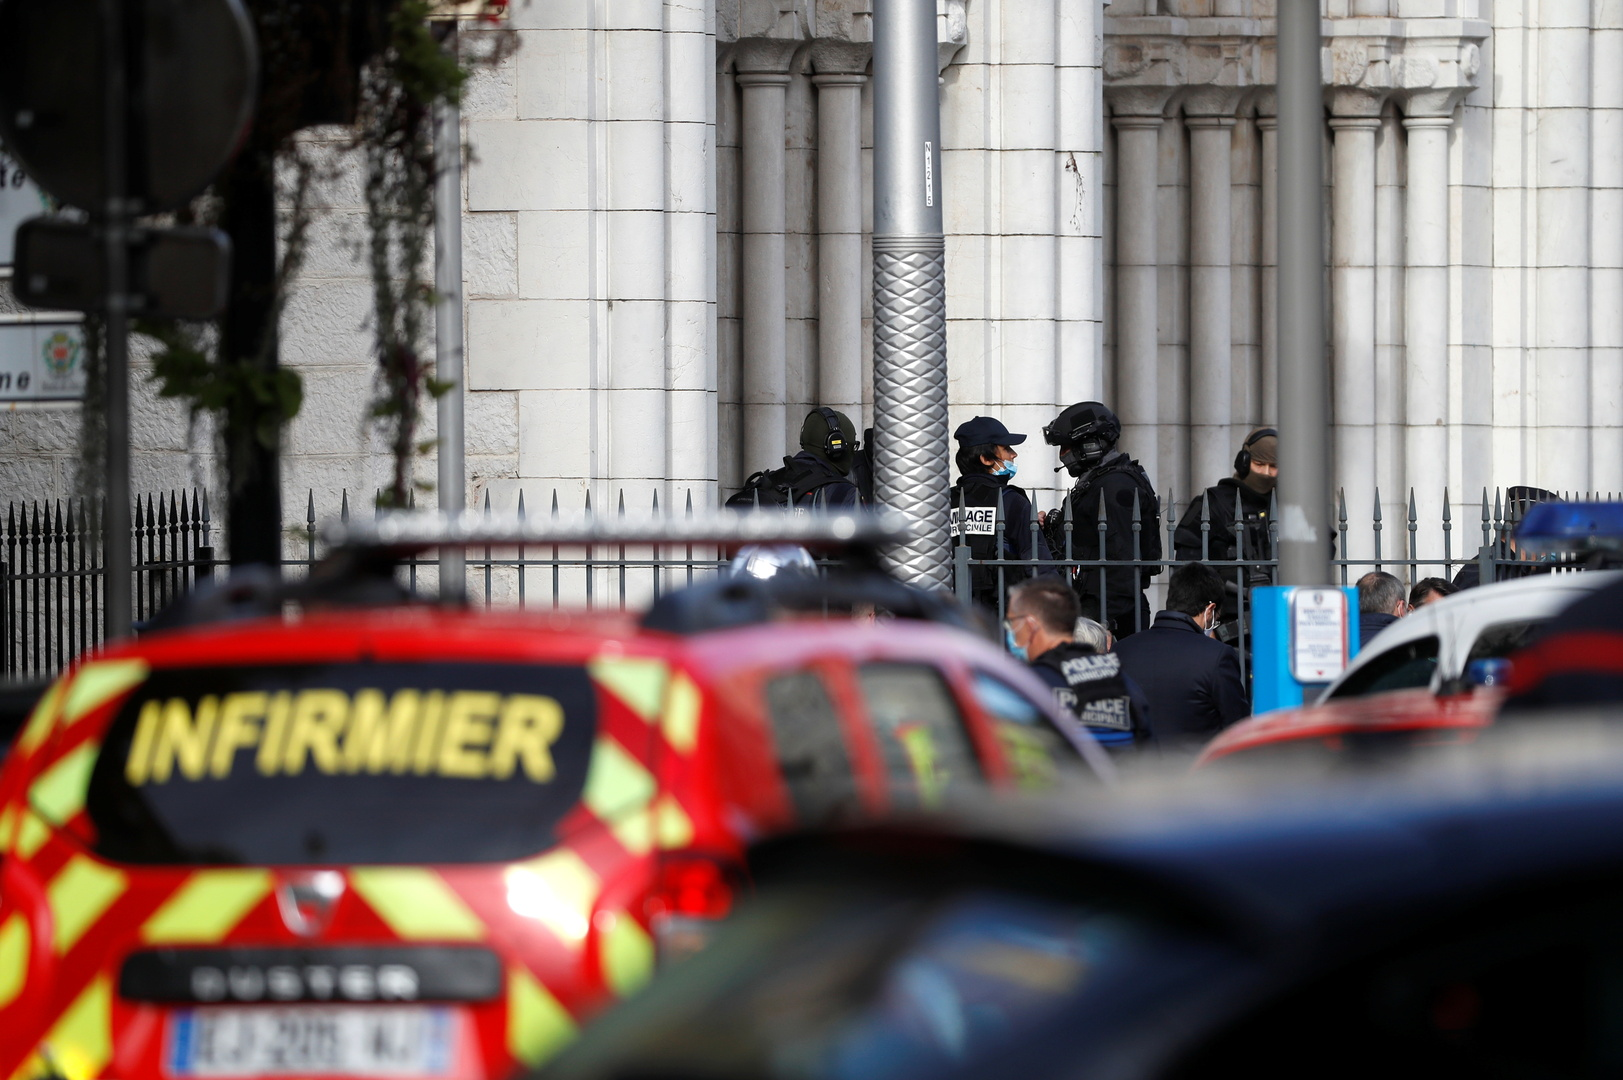 جونسون: المملكة المتحدة تقف بثبات إلى جانب فرنسا ضد الإرهاب والتعصب